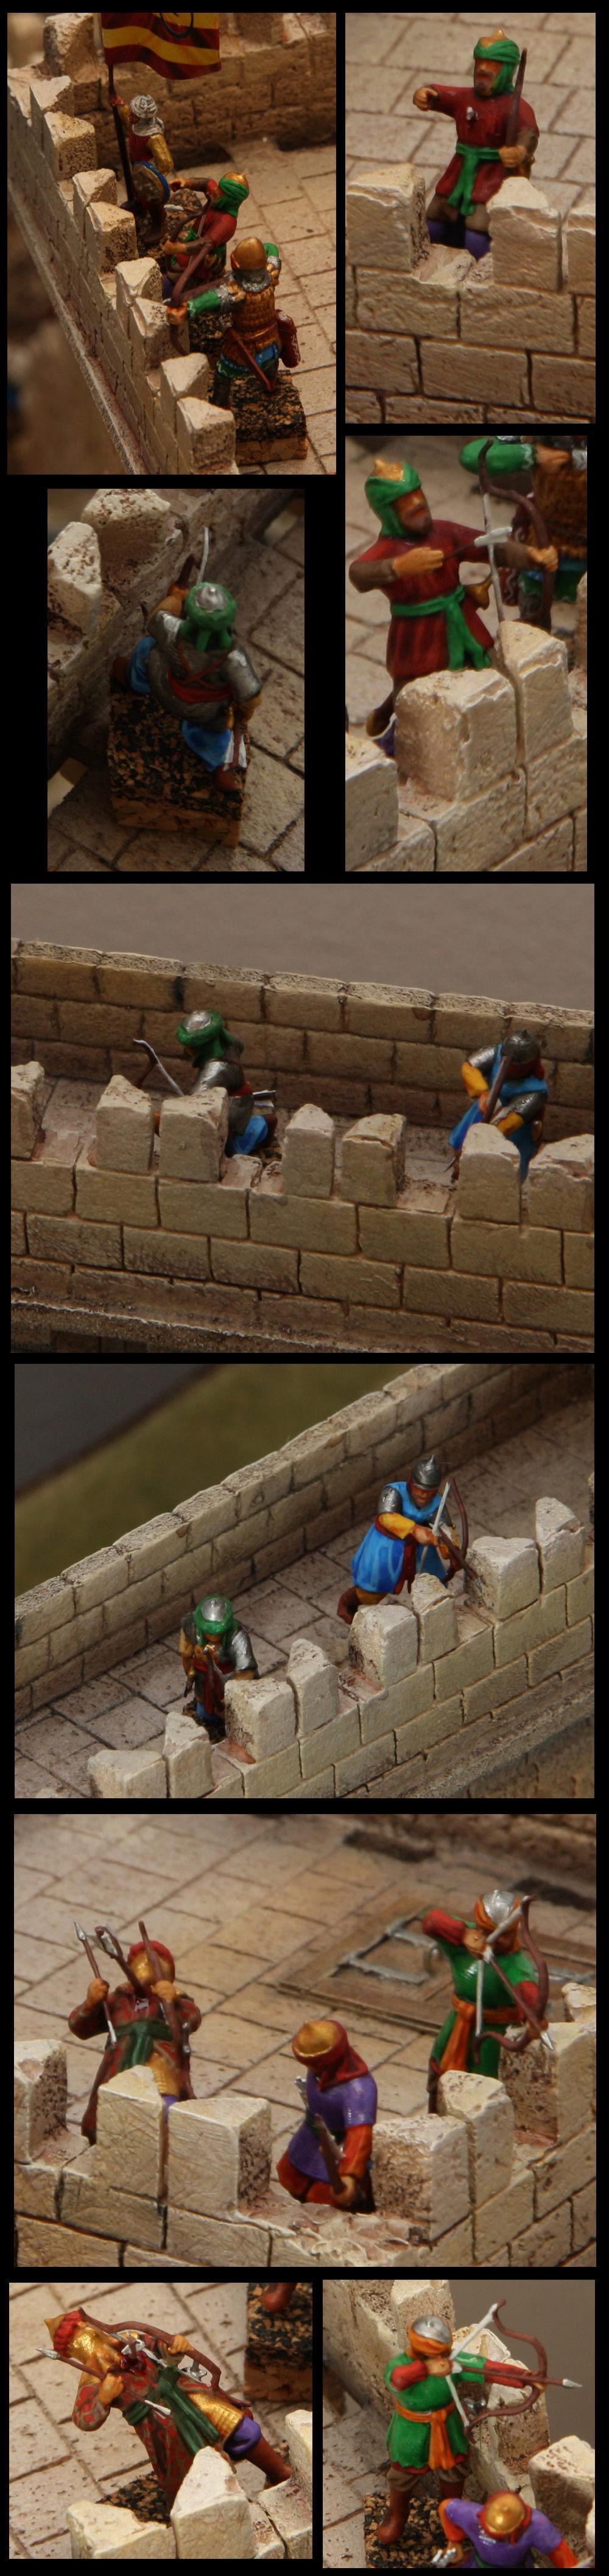 [Diorama 1/72] - Siège de Saint Jean d'Acre - 1191 - Page 2 Archer11